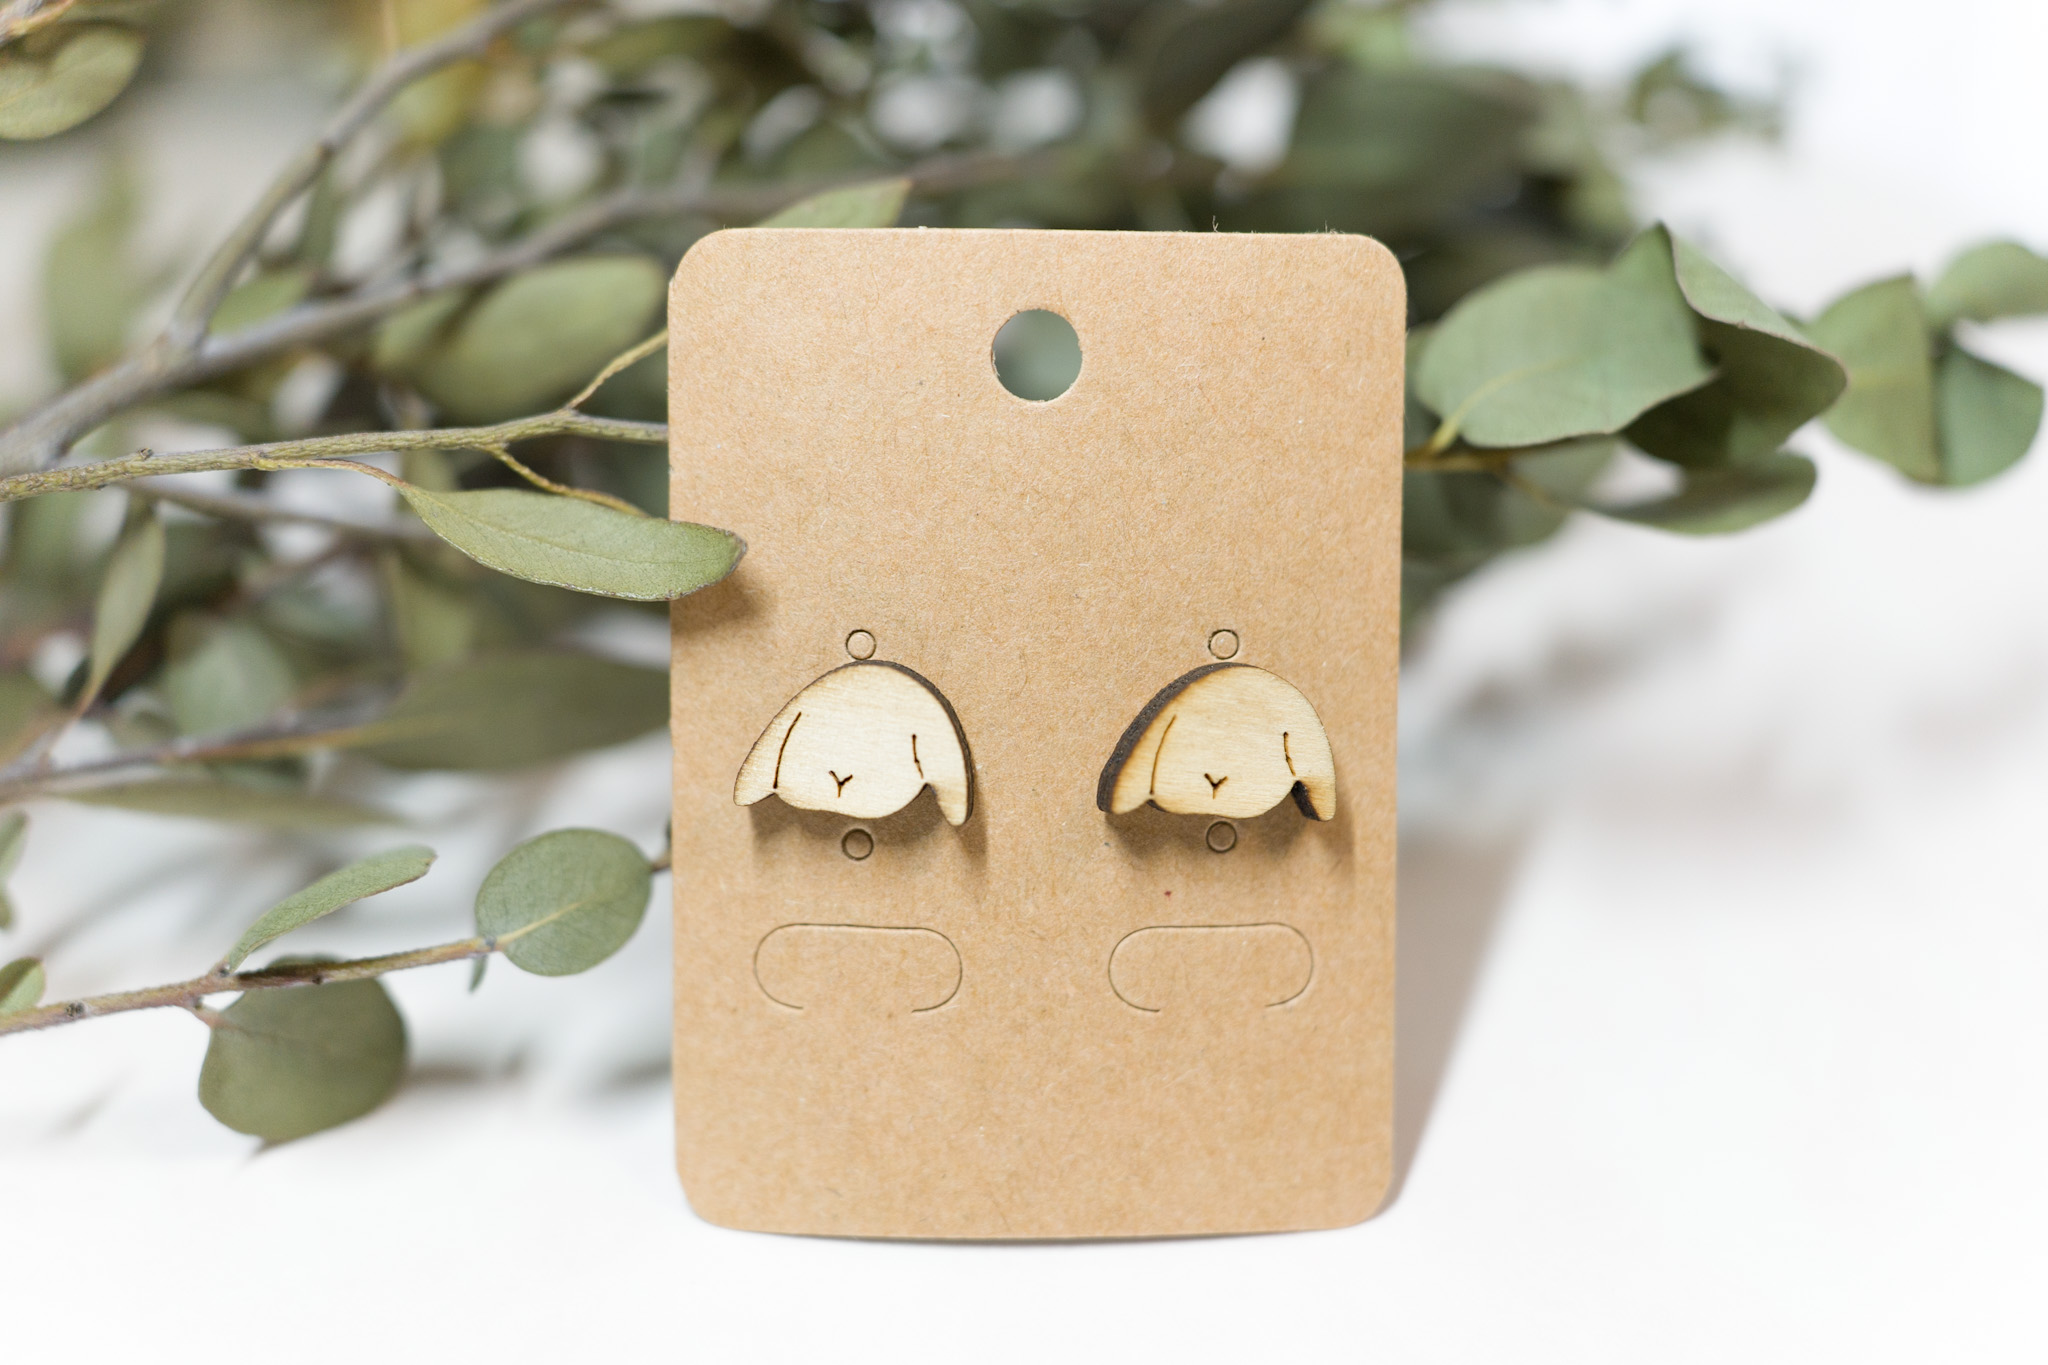 たれ耳うさぎは珍しい!しかも木のアクセサリー!!うさぎの木のピアス ホーランドロップイヤー